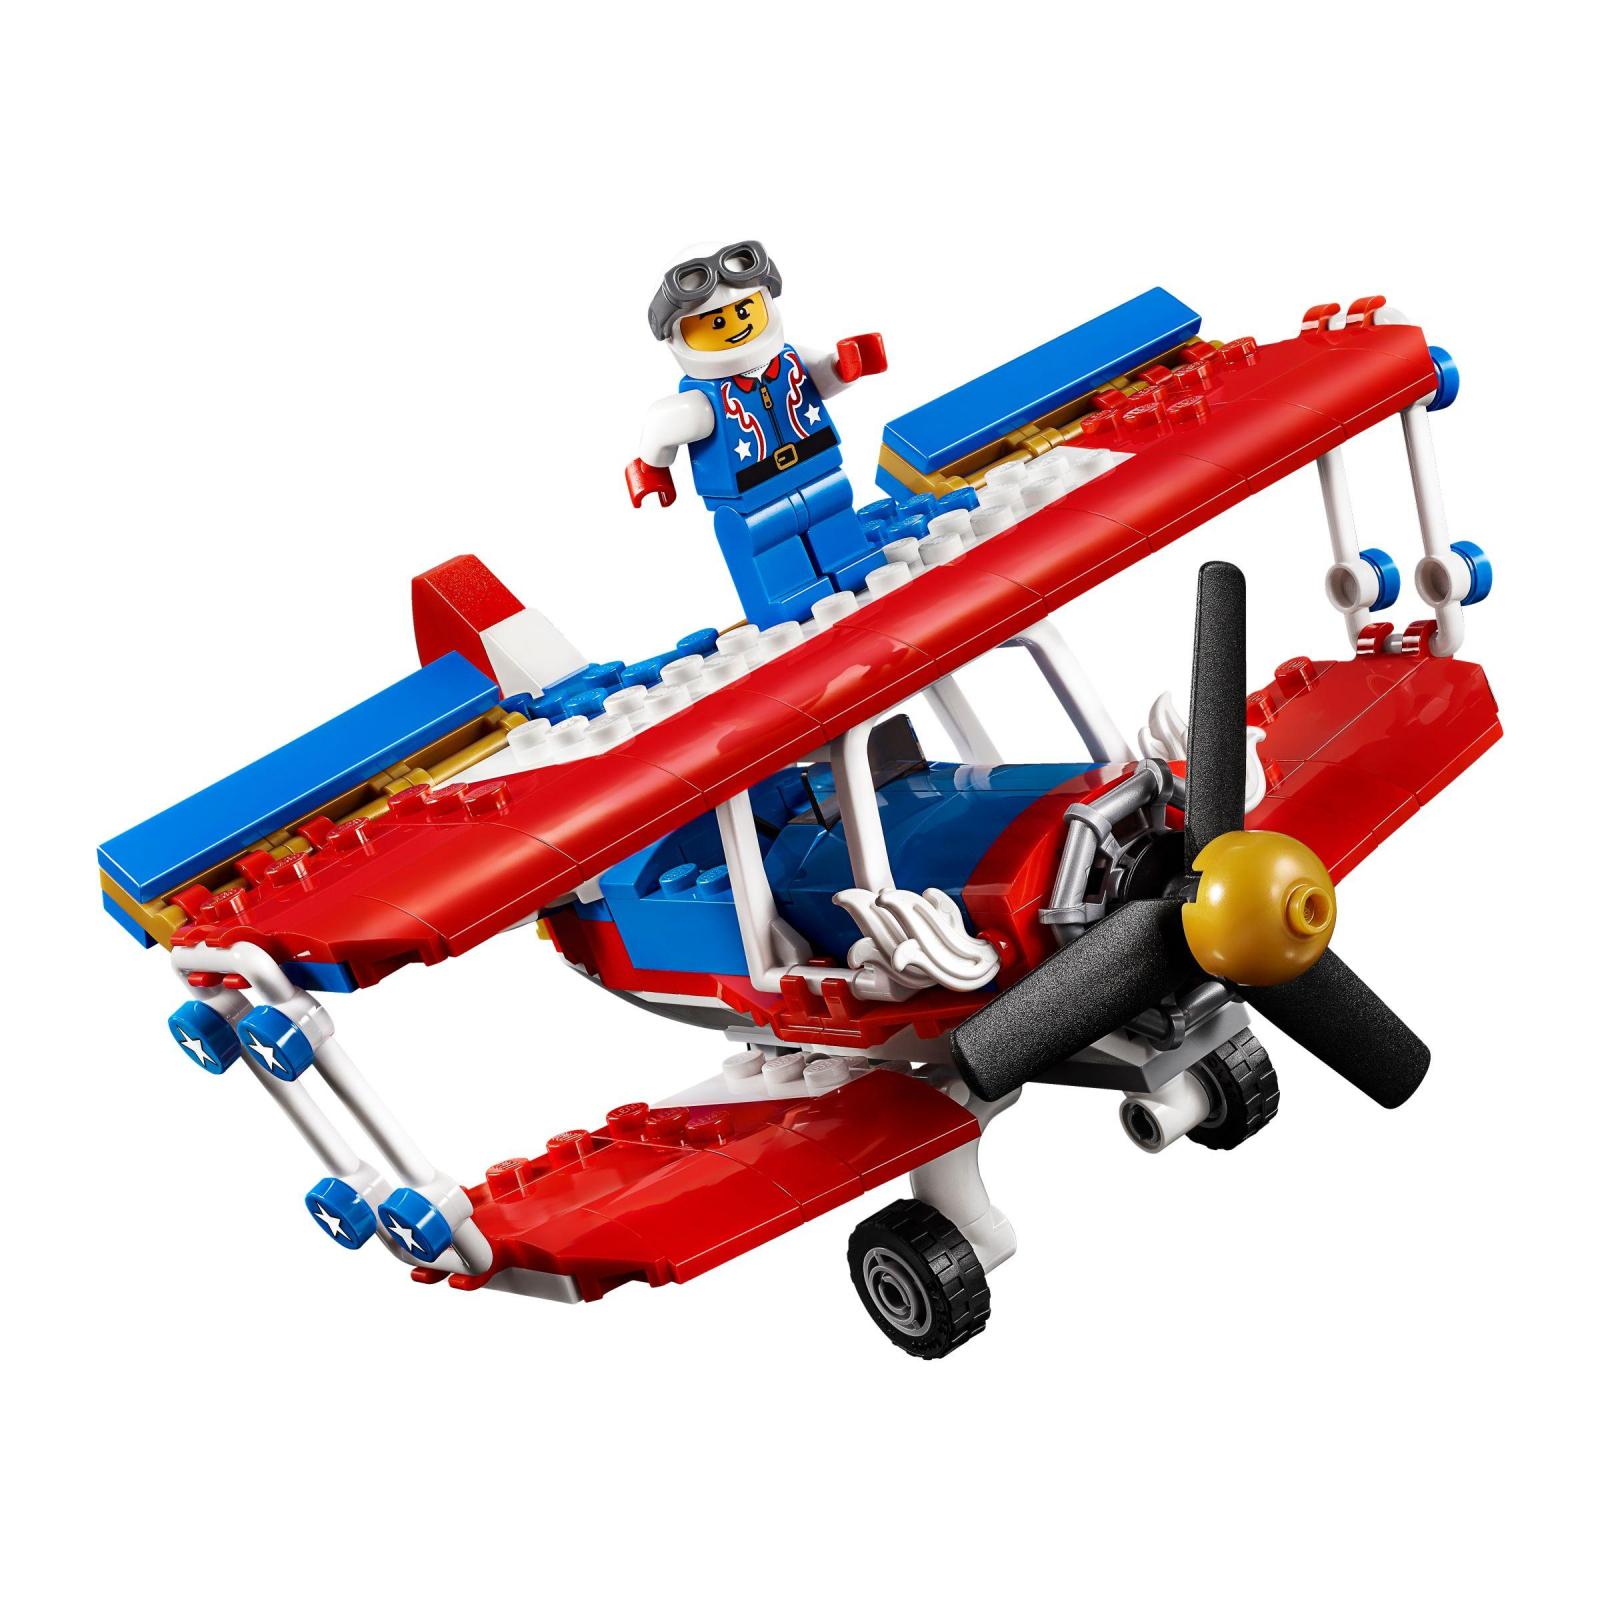 Конструктор LEGO Creator Бесстрашный самолет высшего пилотажа (31076) изображение 3